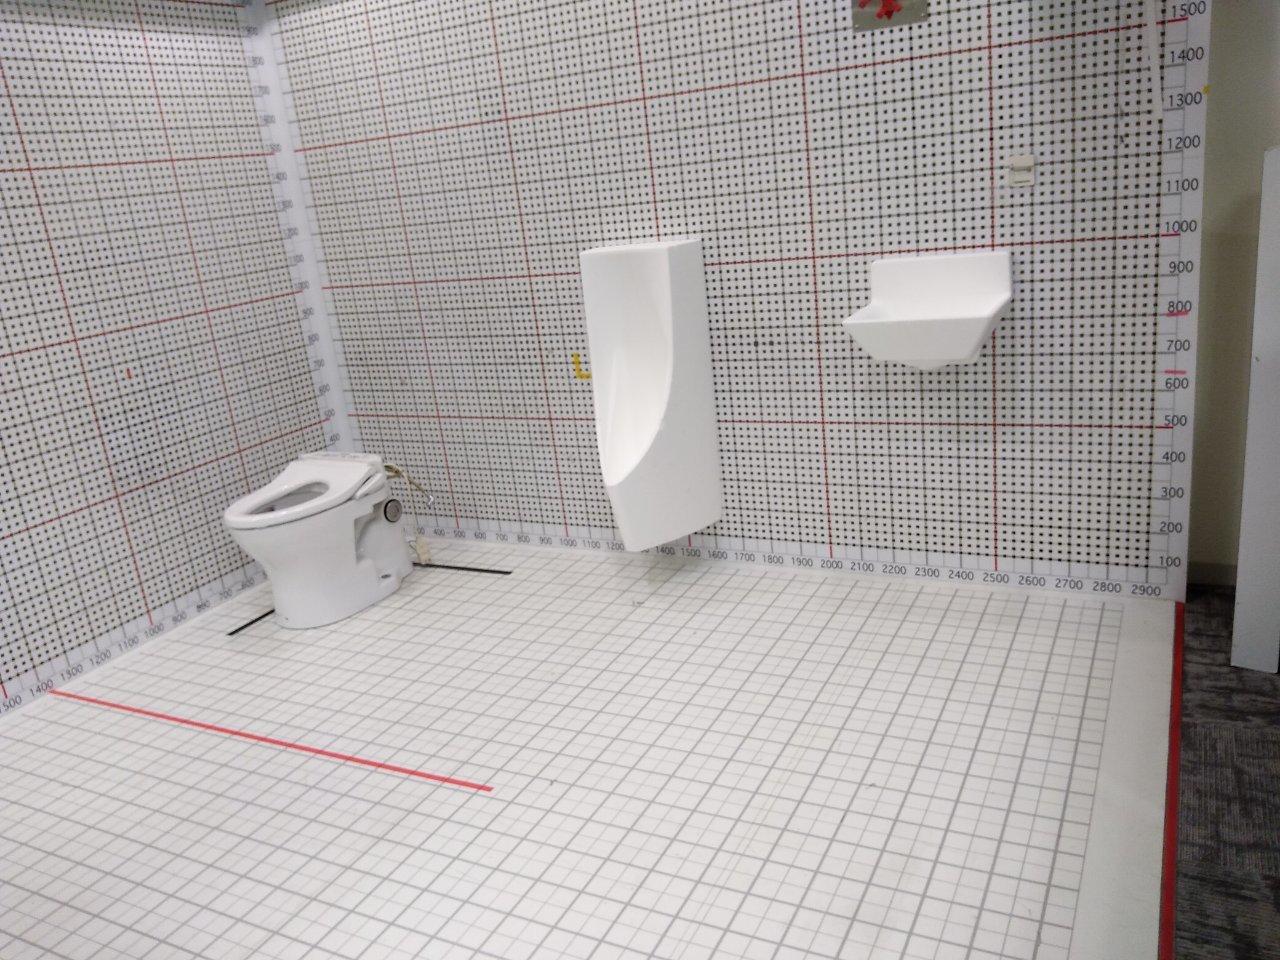 トイレを考える_a0355629_09011299.jpg